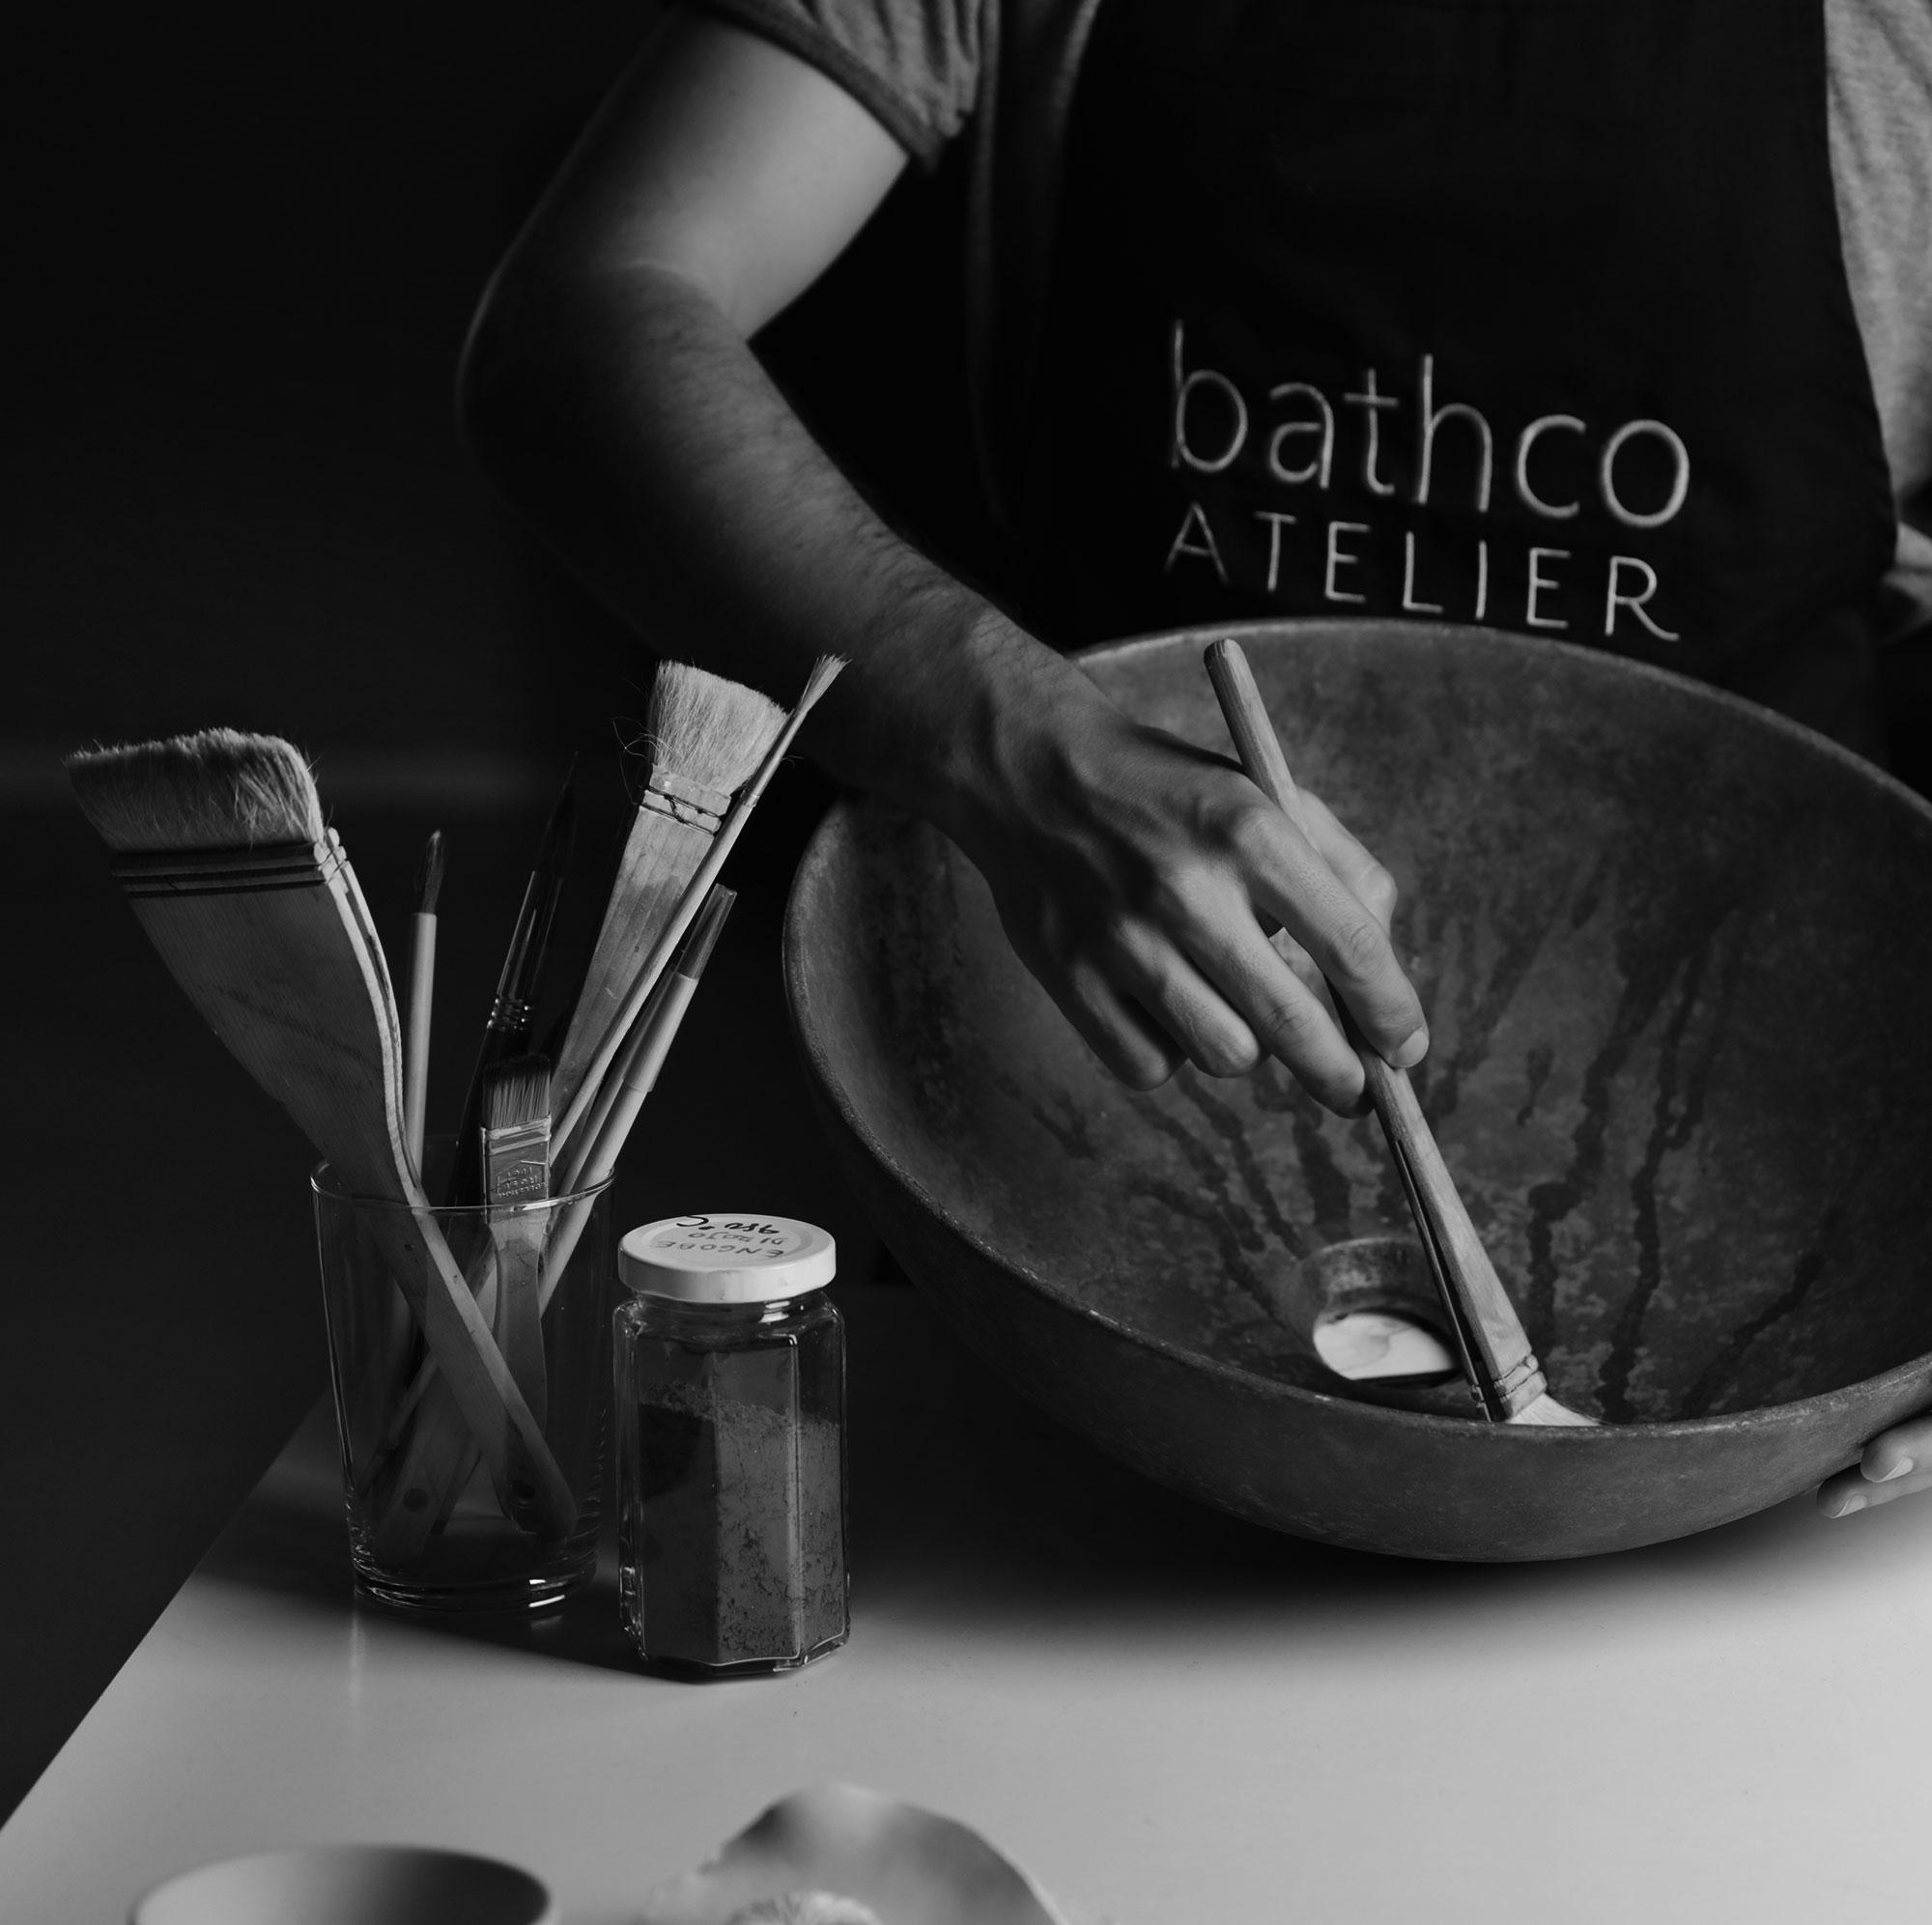 Artistas de Bathco Atelier